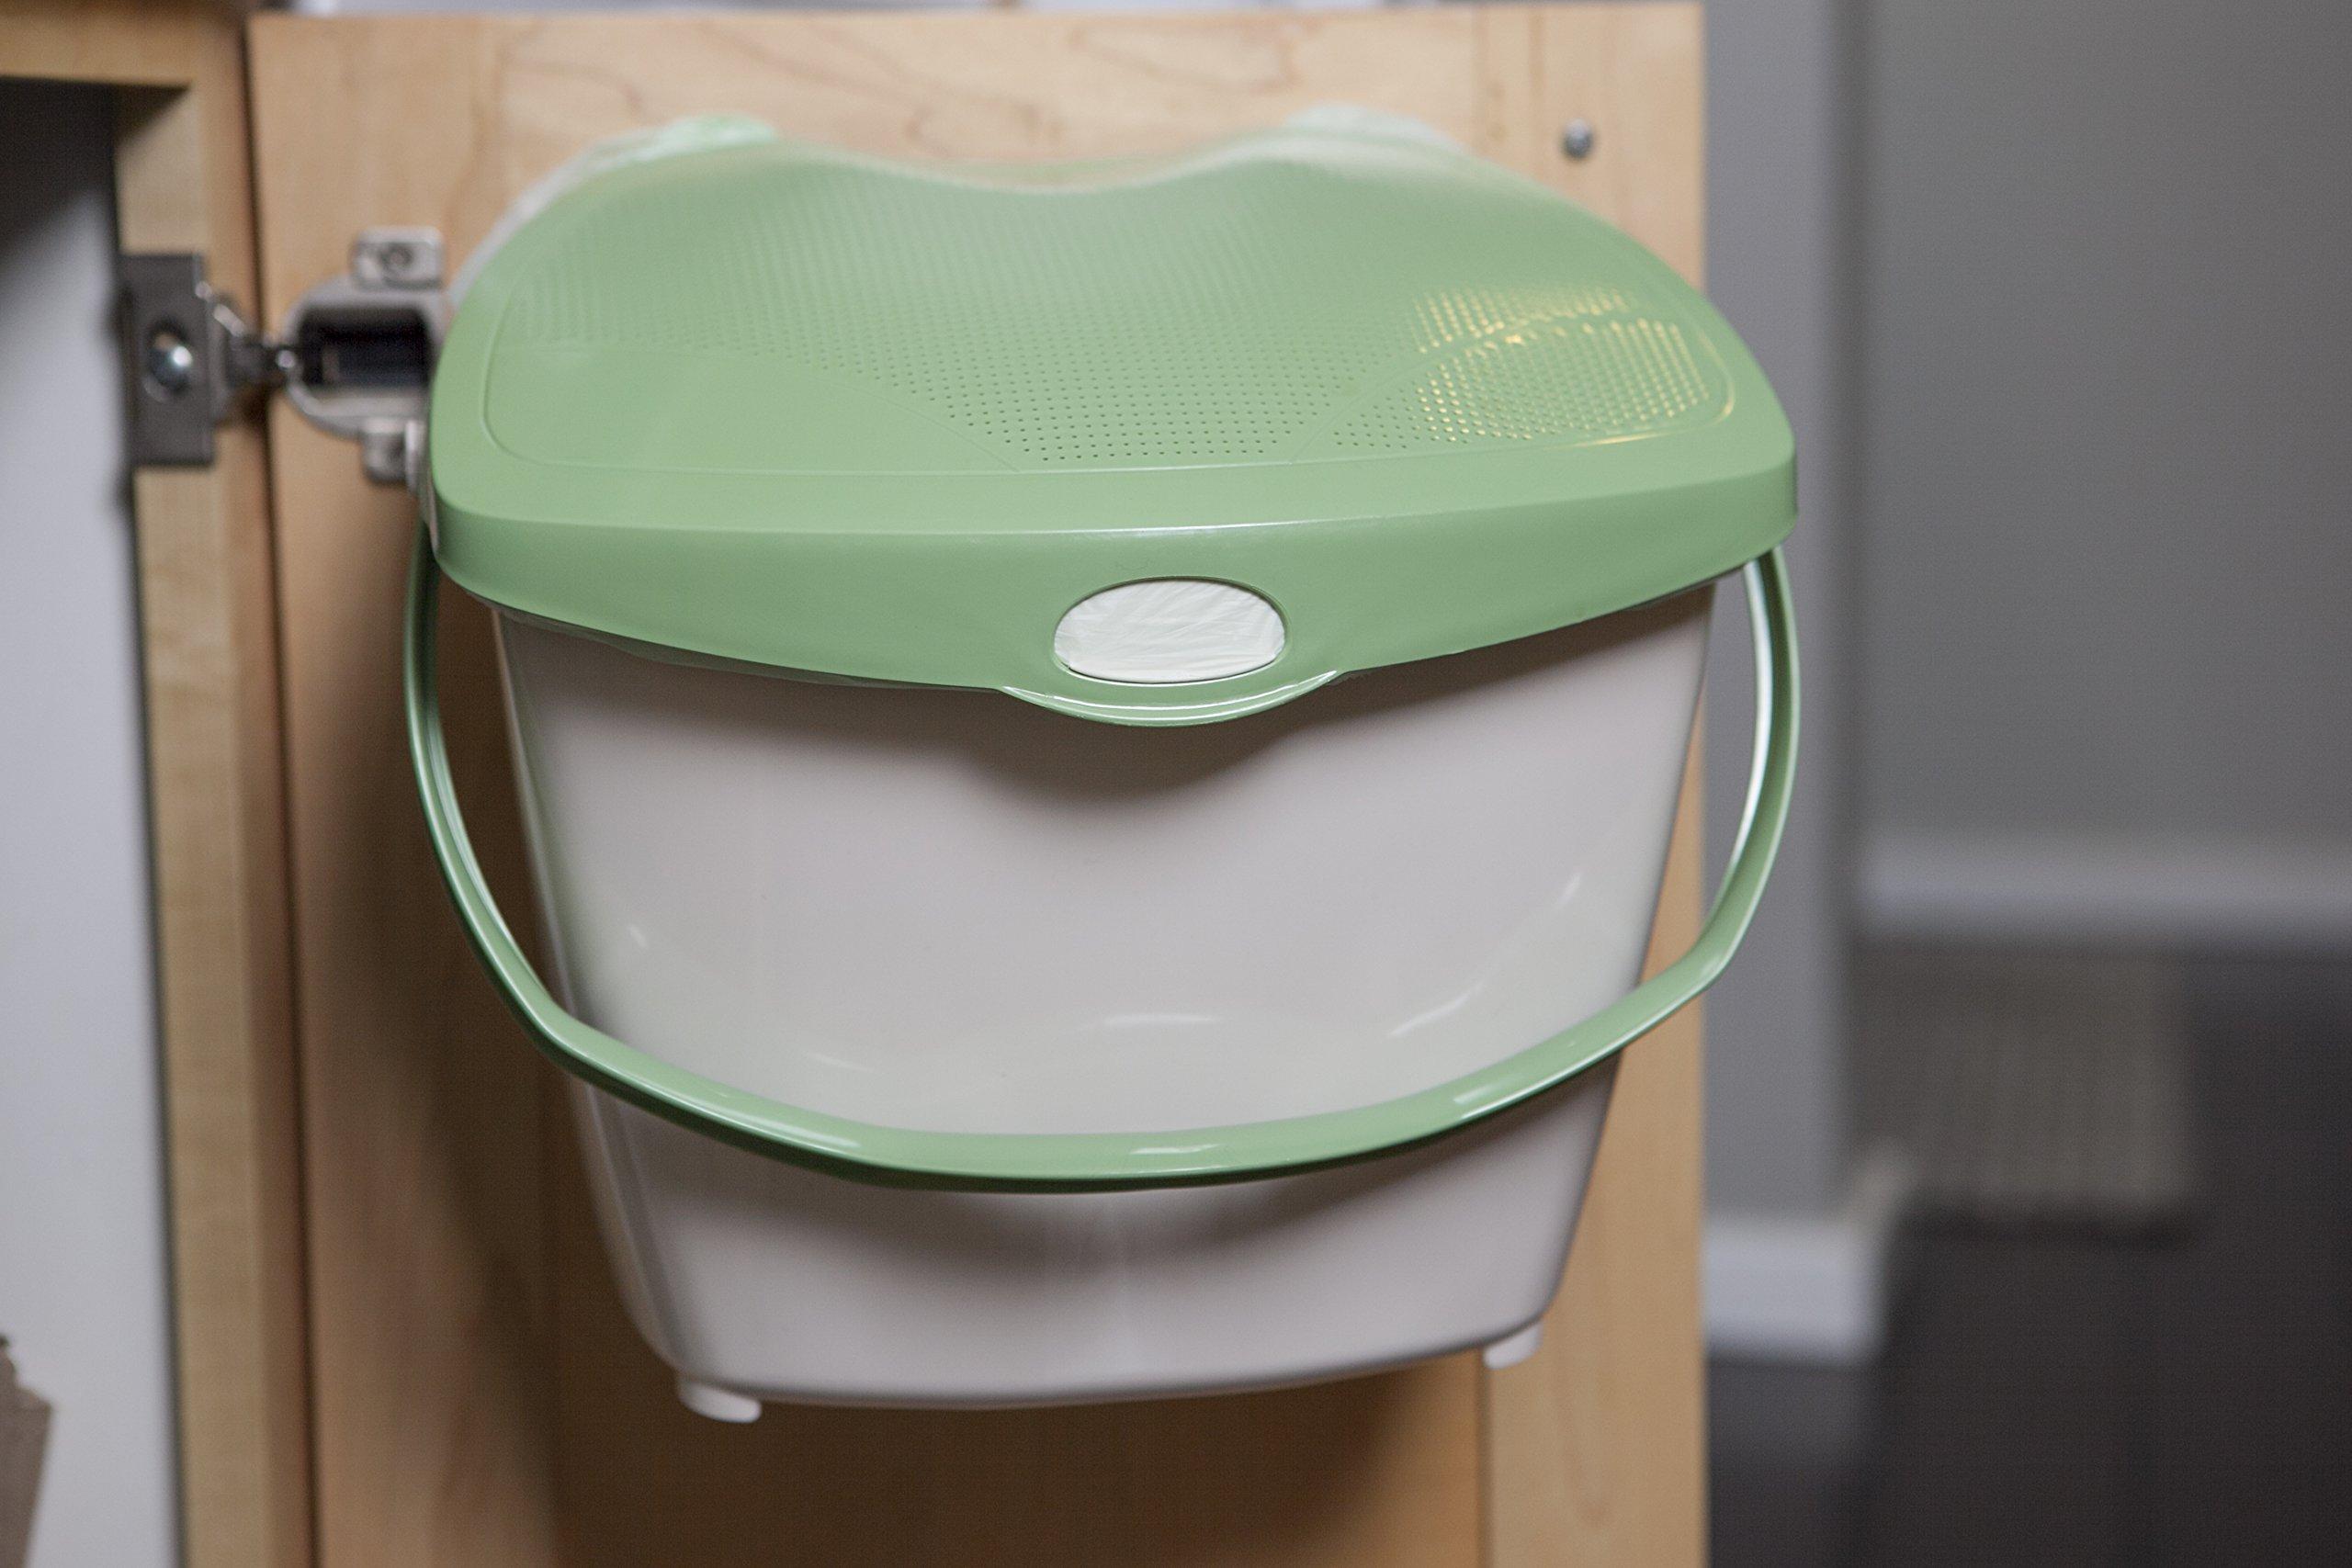 Tremendous Details About Mountable Kitchen Compost Bin By Zero Waste Odor Free Under Sink Countertop Download Free Architecture Designs Parabritishbridgeorg